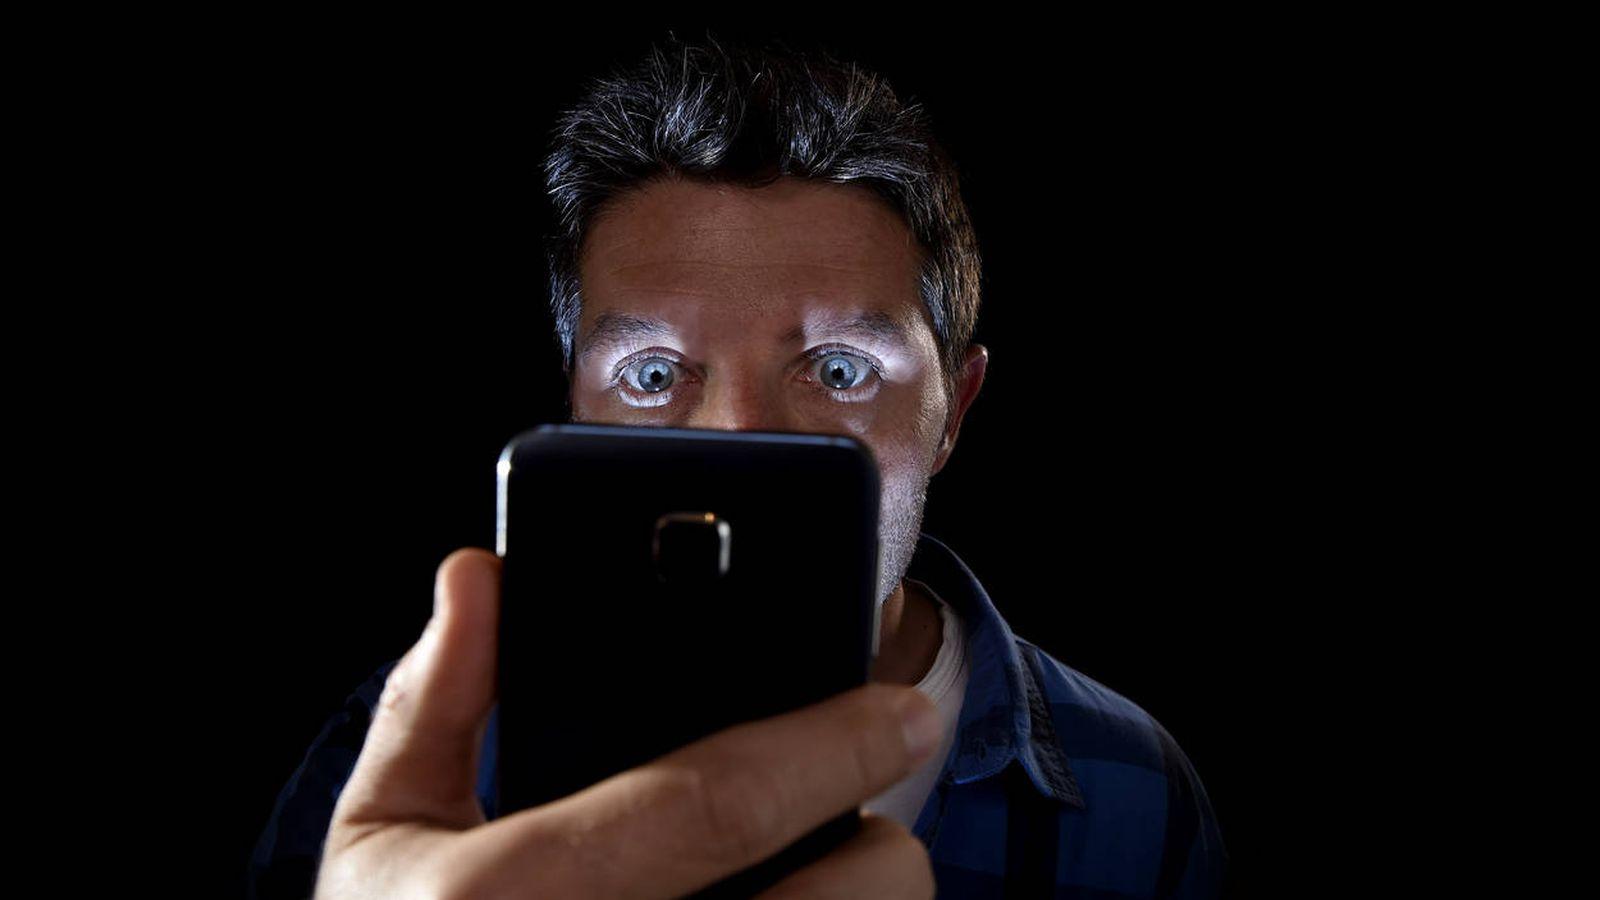 Foto: Un actor de imágenes de recurso mira intensamente a la pantalla de su móvil (iStock)